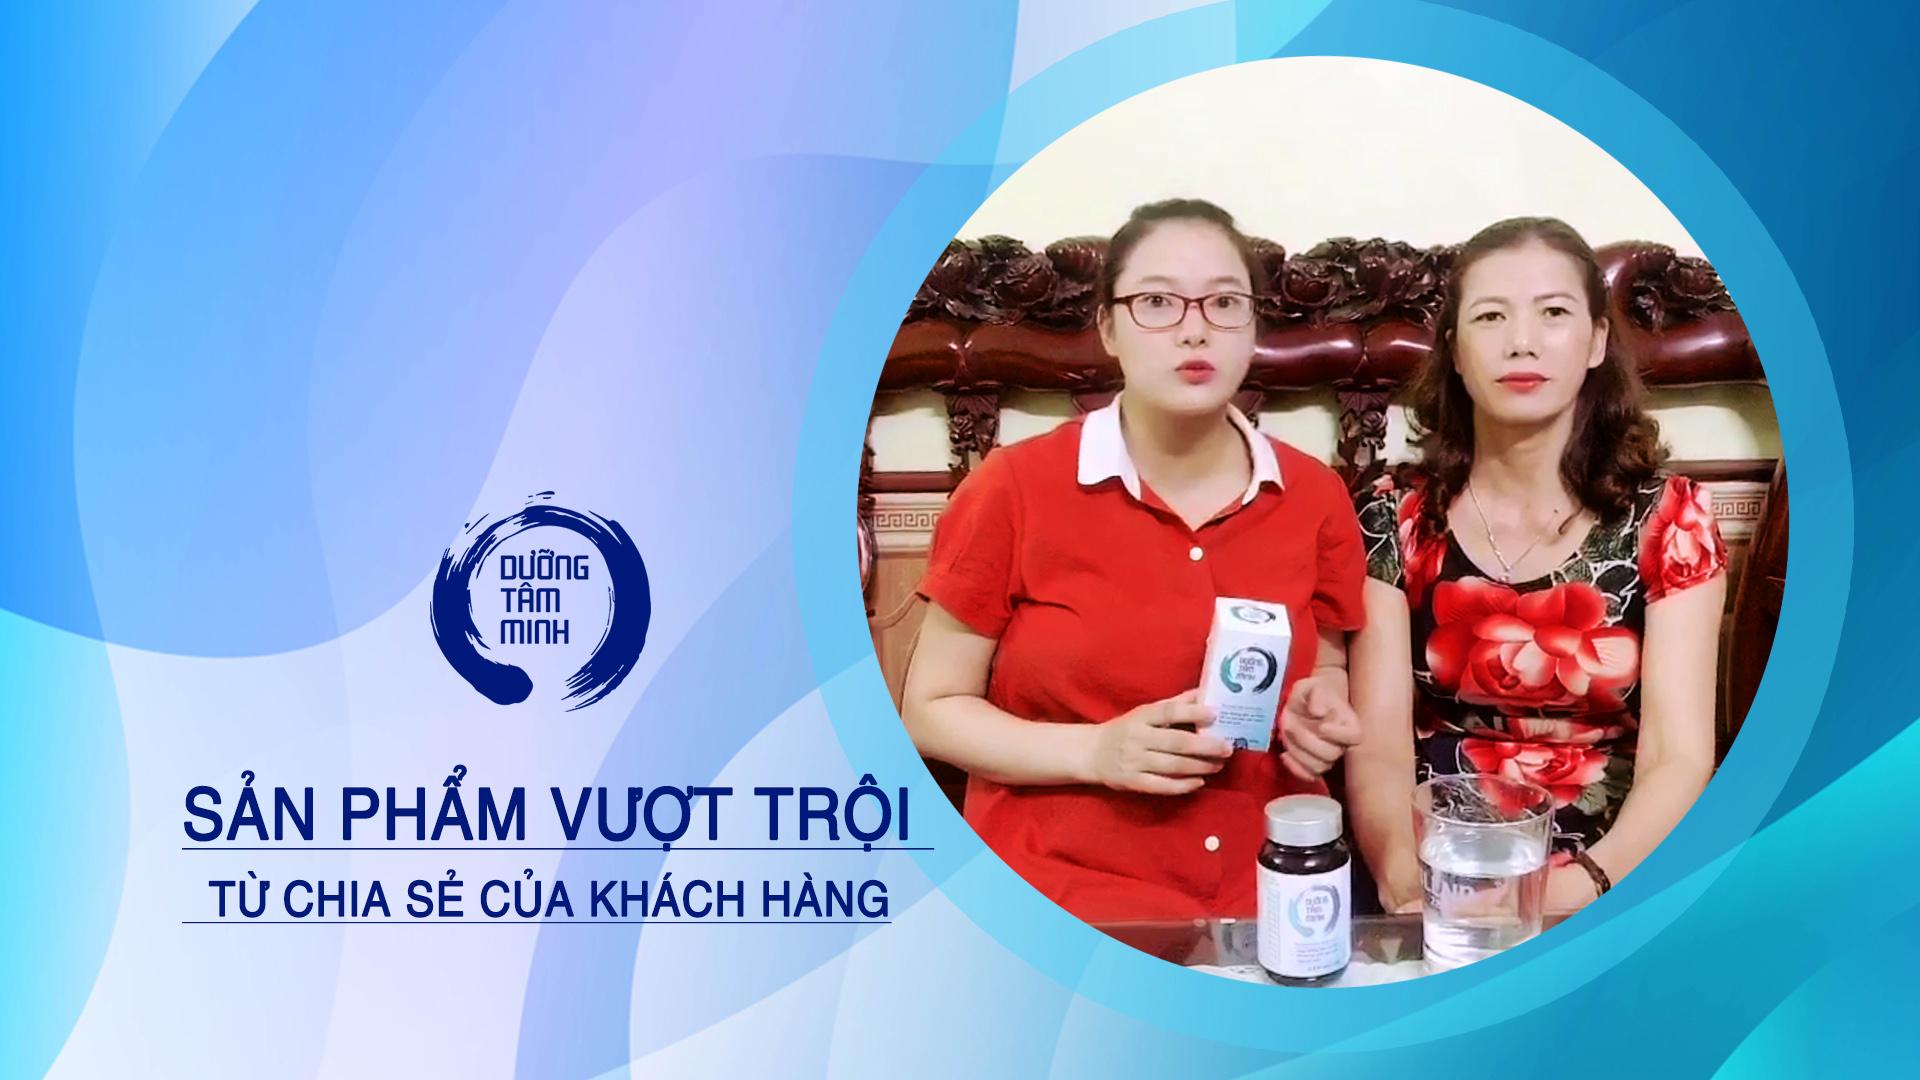 Chị Phương và mẹ của chị chia sẻ về sản phẩm Dưỡng Tâm Minh